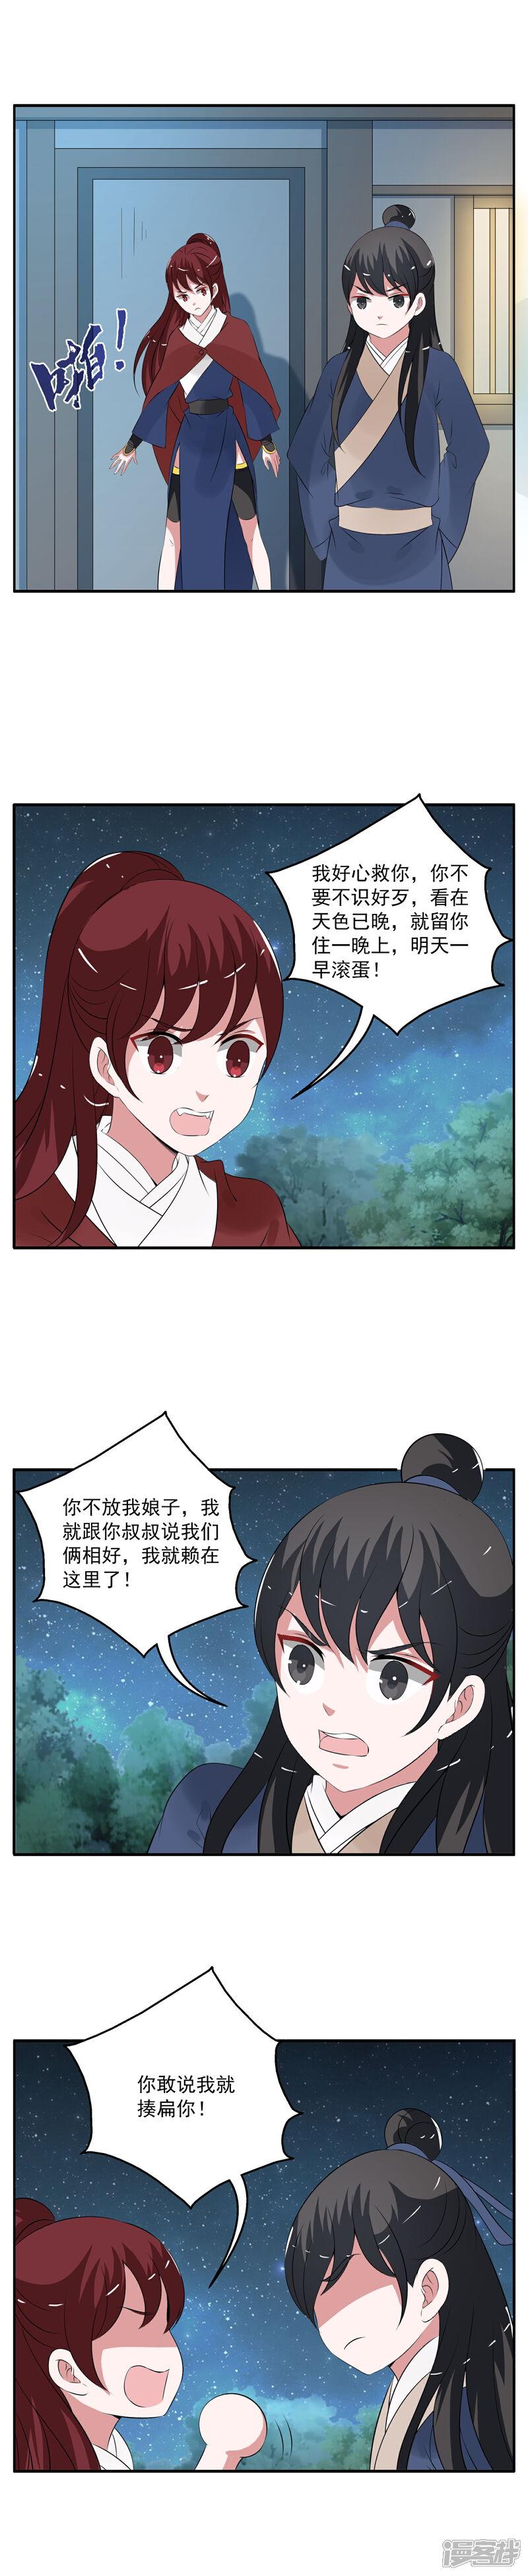 洛小妖184 (4).JPG